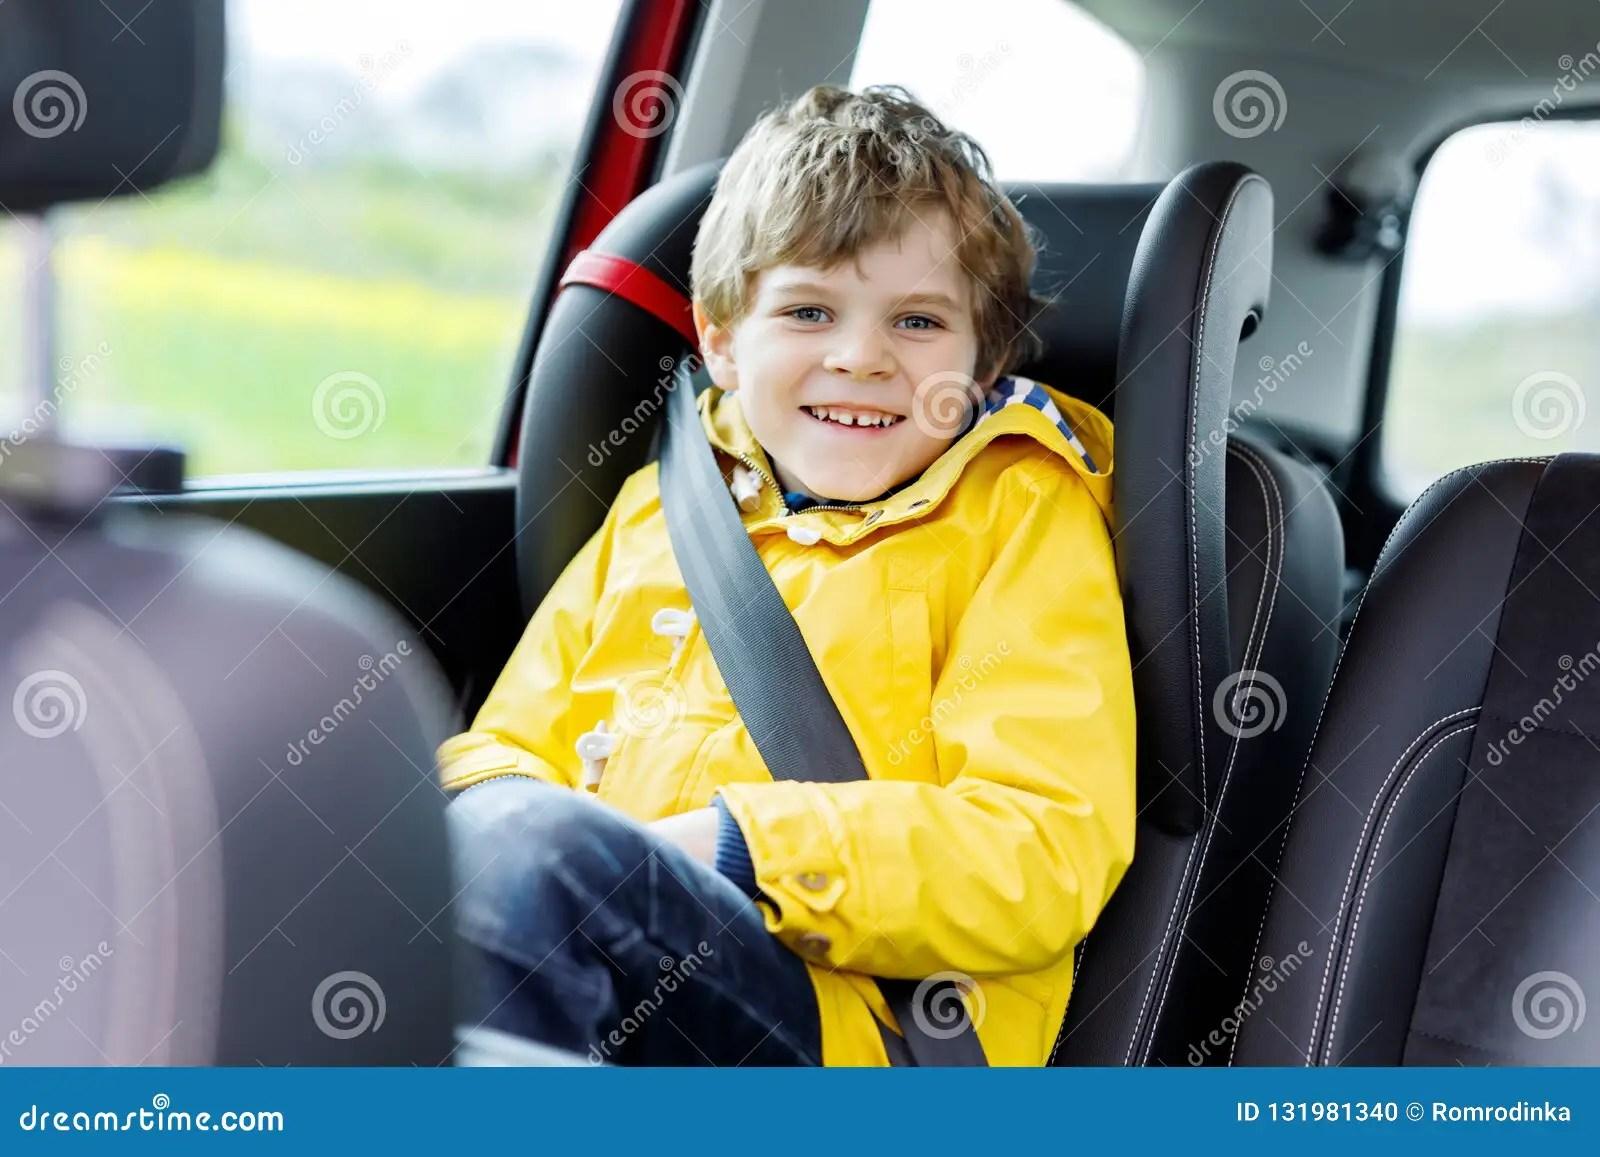 Adorable Cute Preschool Kid Boy Sitting In Car In Yellow